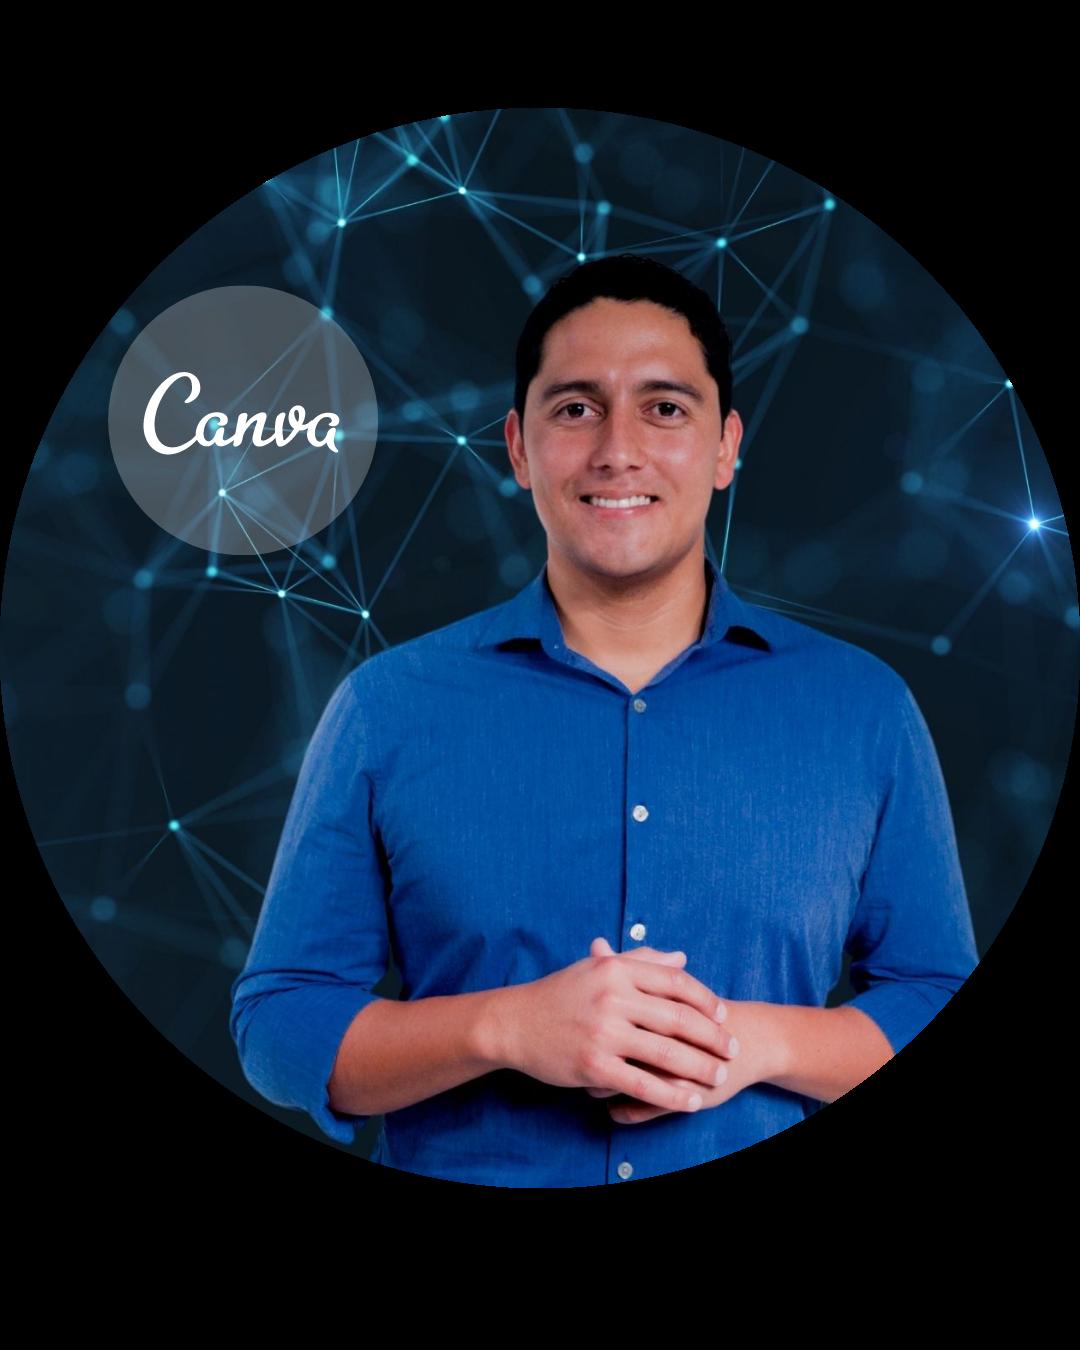 Profesor experto en Canva